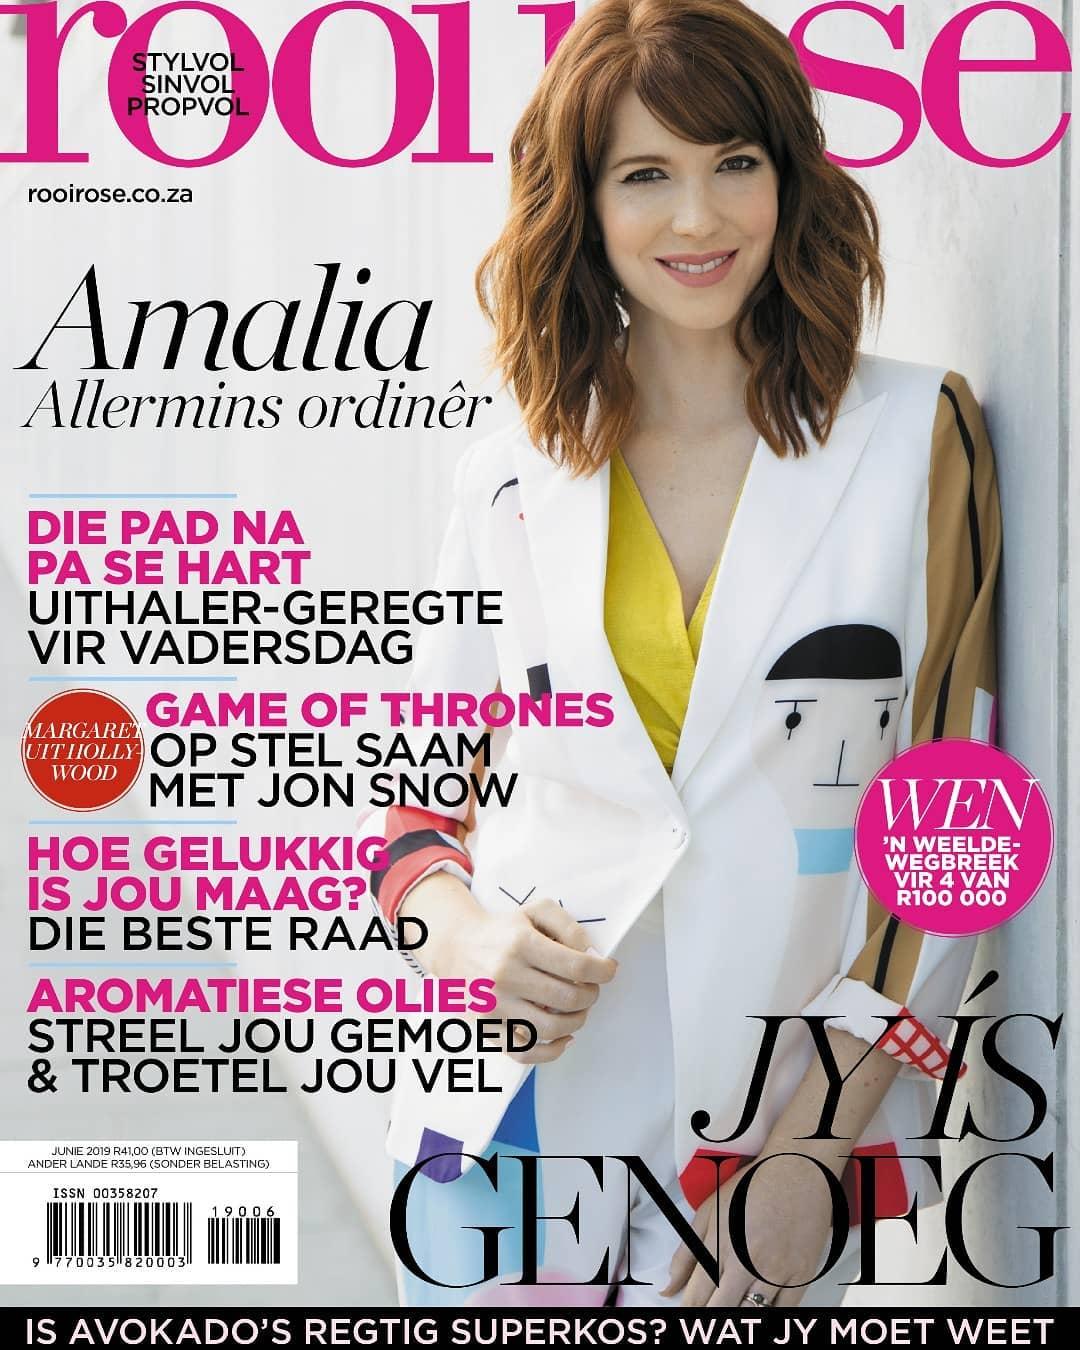 Amalia Uys amalia uys age, husband, wedding, parents, education, tv